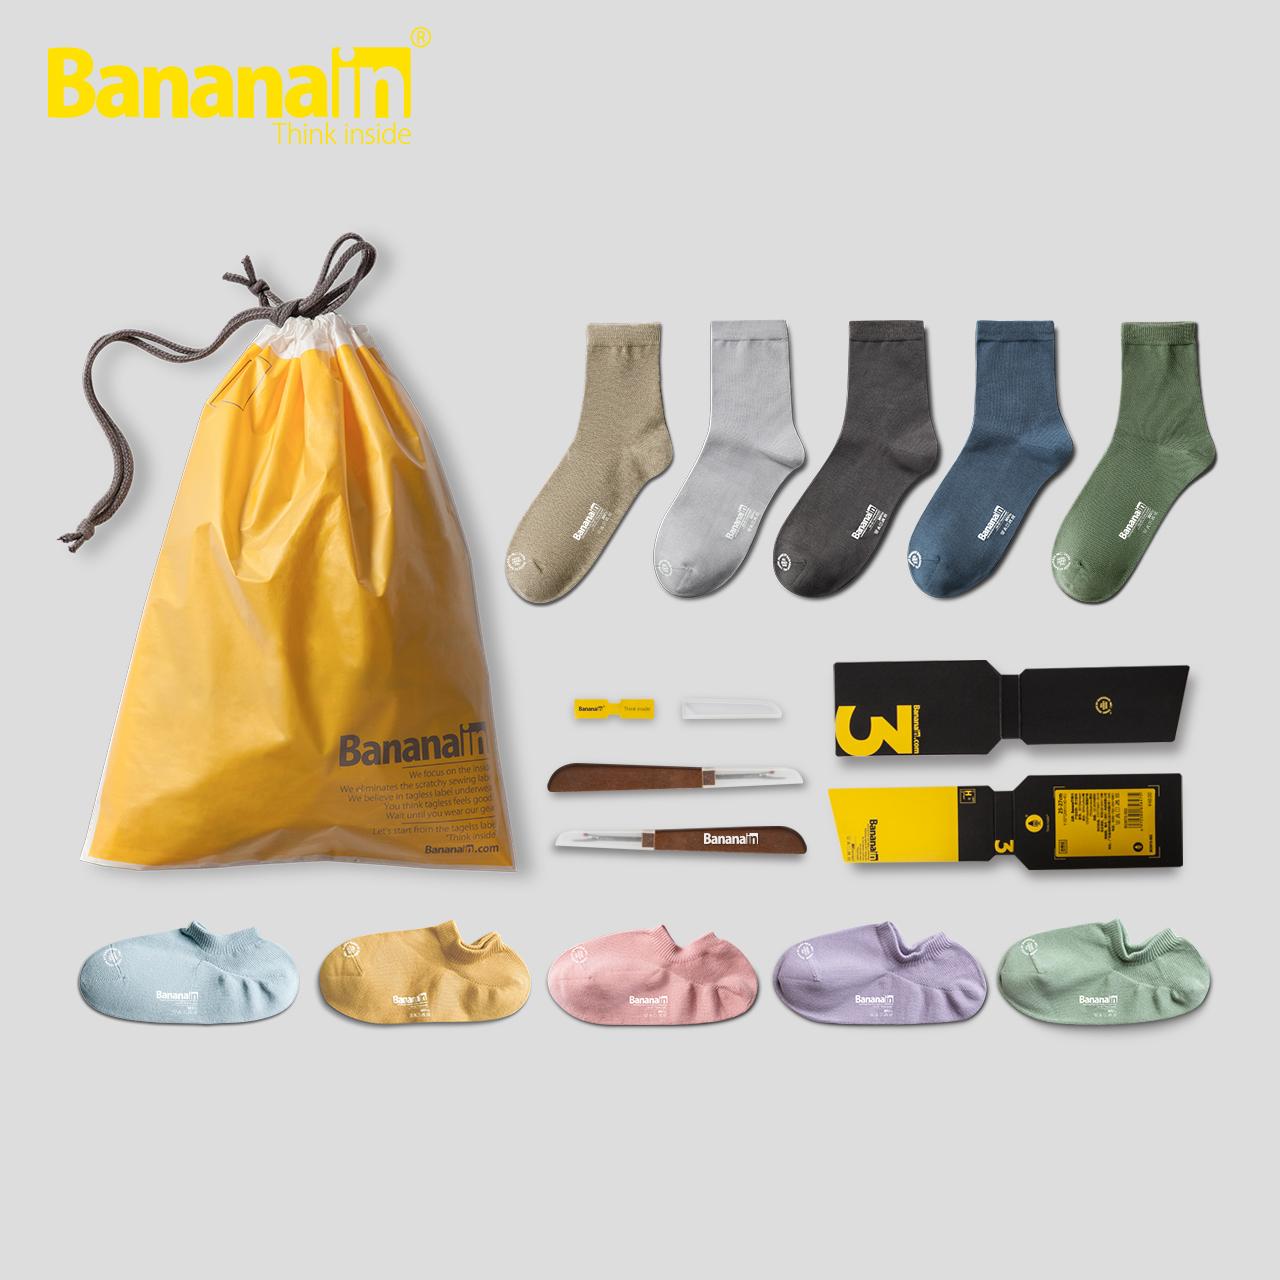 【直营】5双Bananain蕉内301P袜子男女士棉袜短袜船袜长袜中筒袜11月06日最新优惠